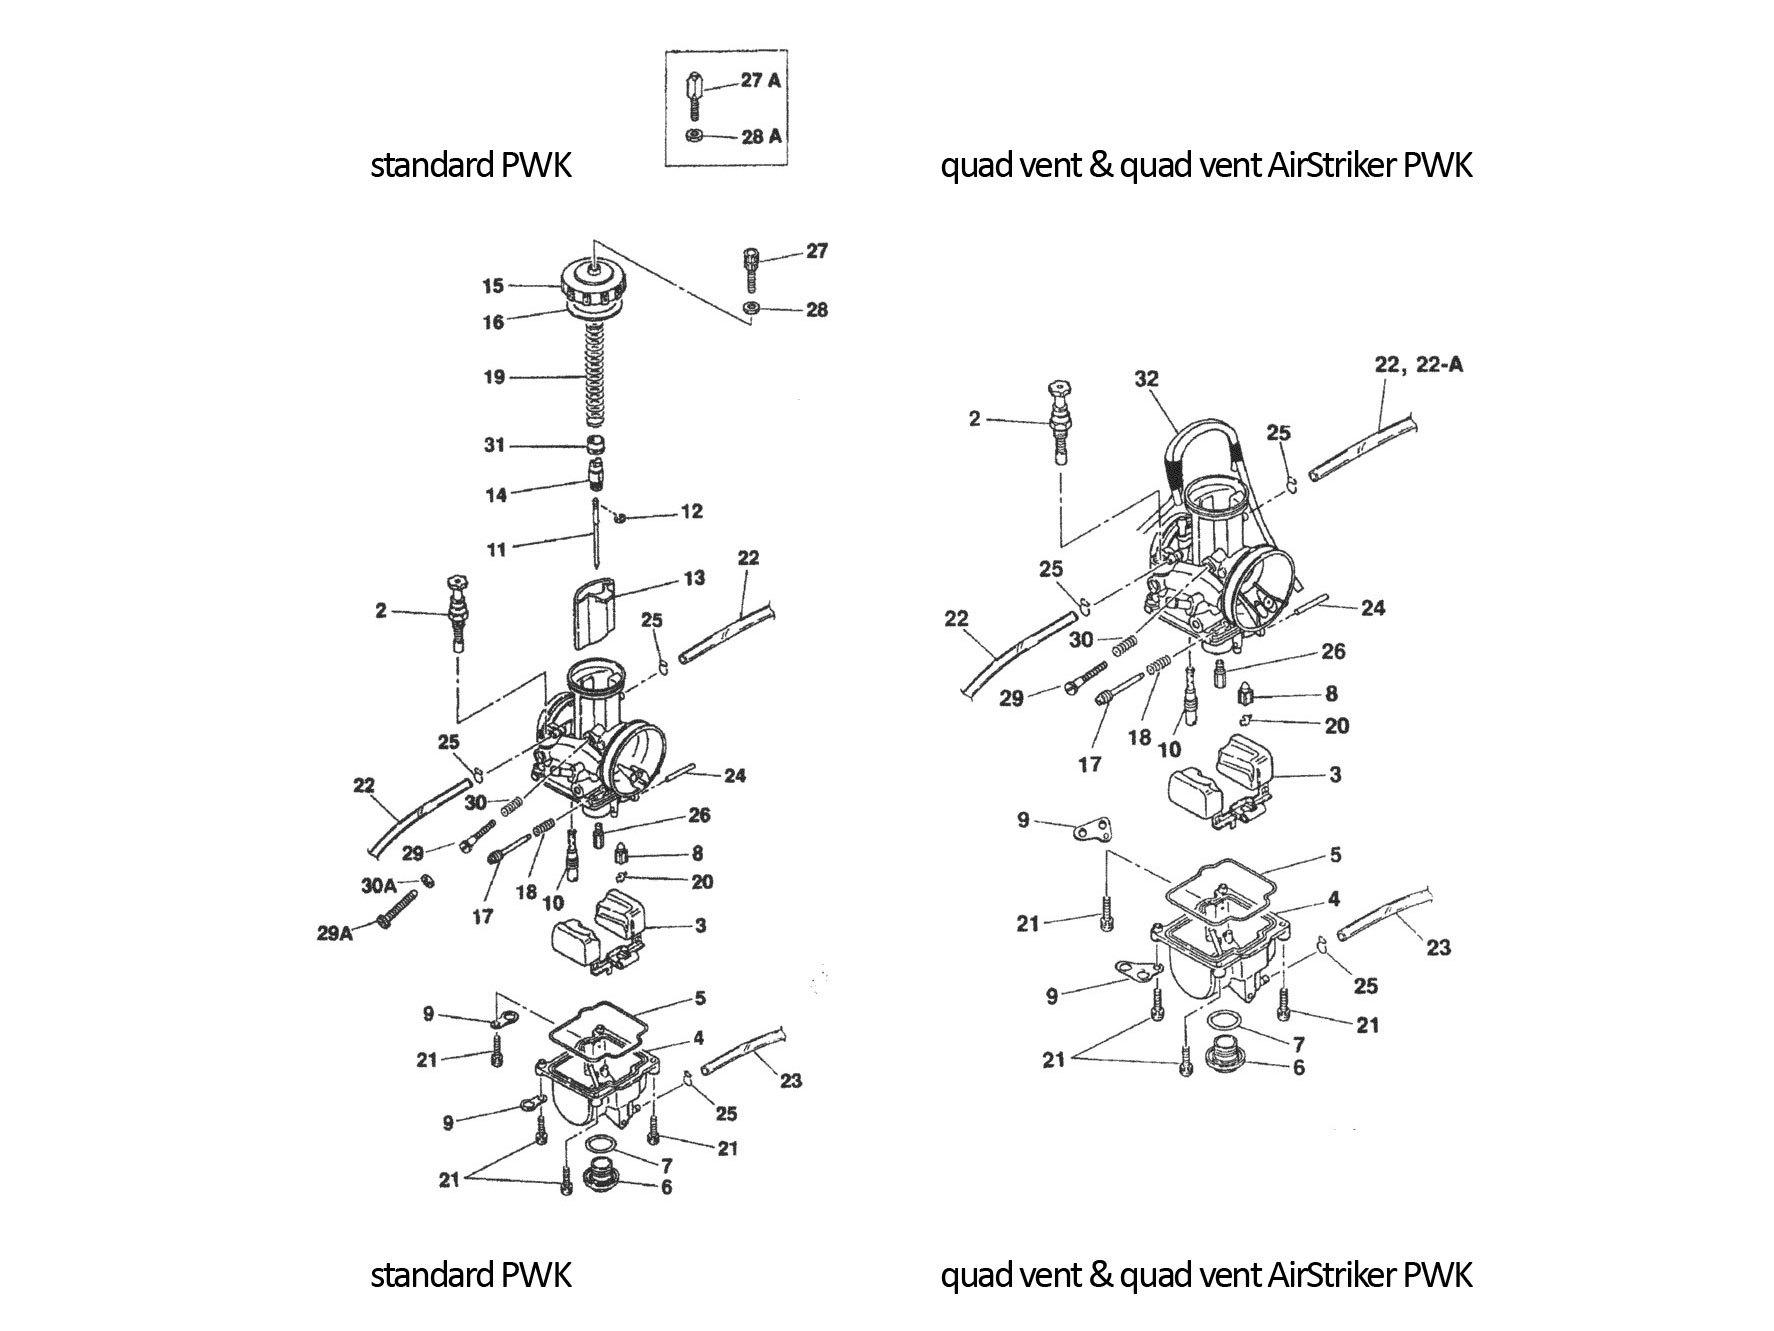 hight resolution of keihin pwk carburetor parts diagram frank mxparts keihin vb carb diagram keihin carb diagram